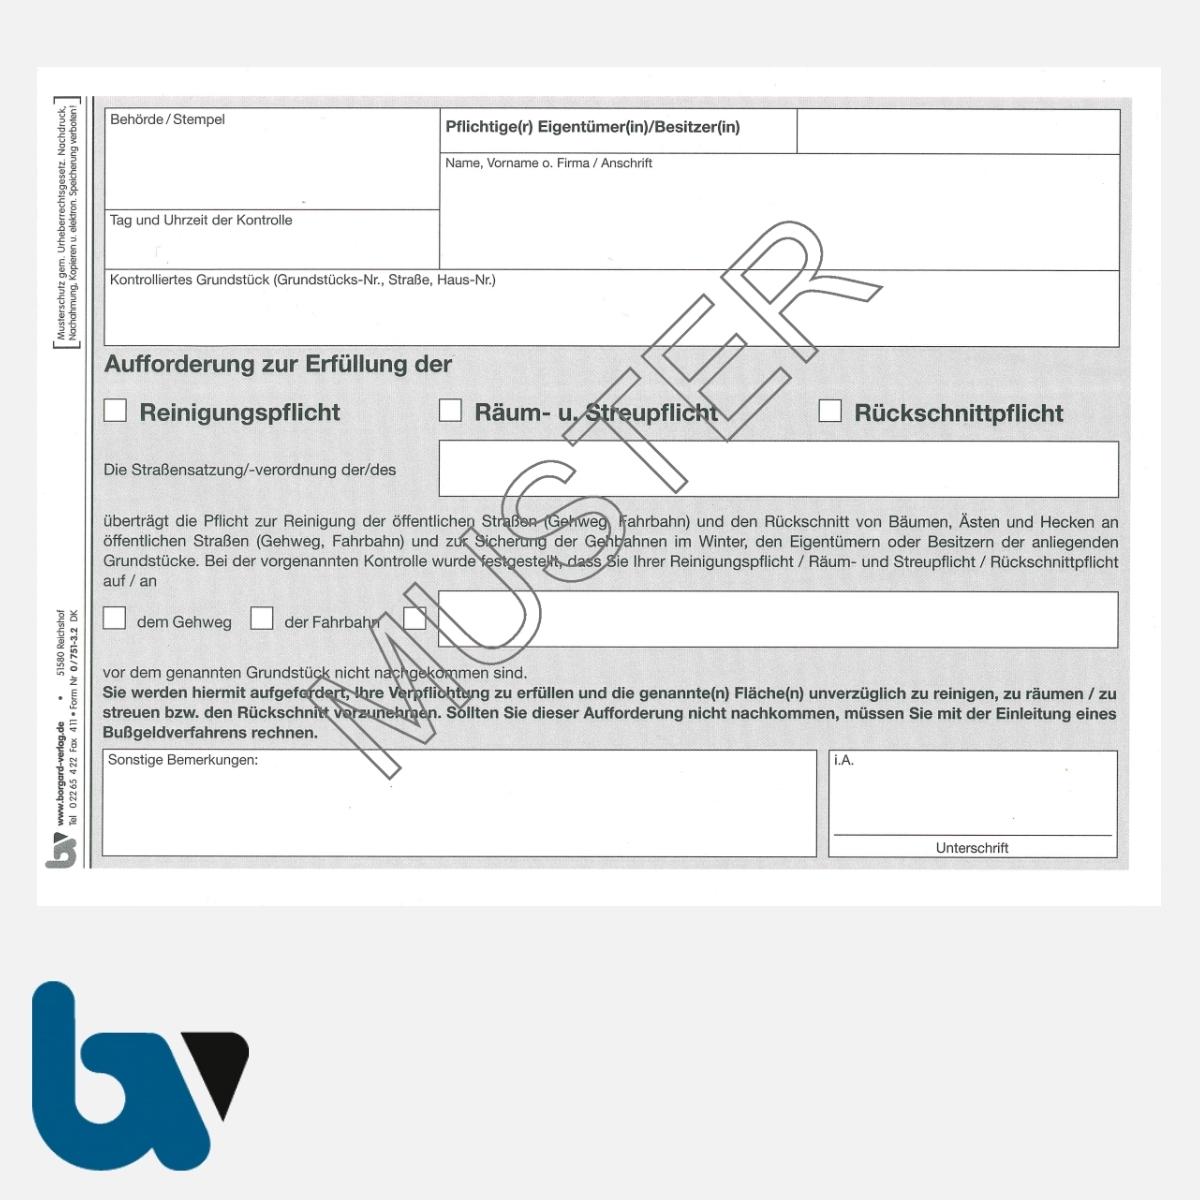 0/751-3.2 Aufforderung Erfüllung Reinigungspflicht Räumpflicht Rückschnittpflicht Gehweg Fahrbahn selbstdurchschreibend DIN A5 2fach Seite 1 | Borgard Verlag GmbH